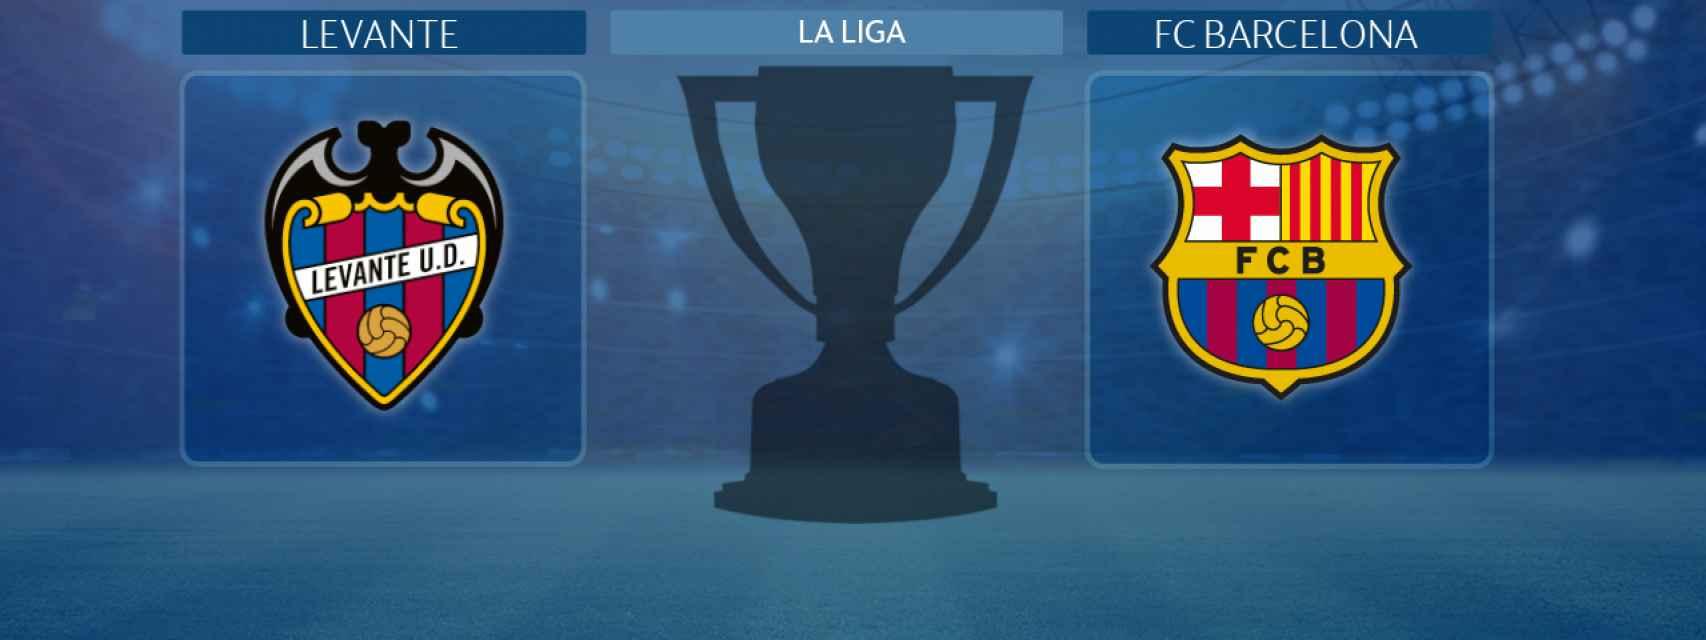 Levante - FC Barcelona, partido de La Liga